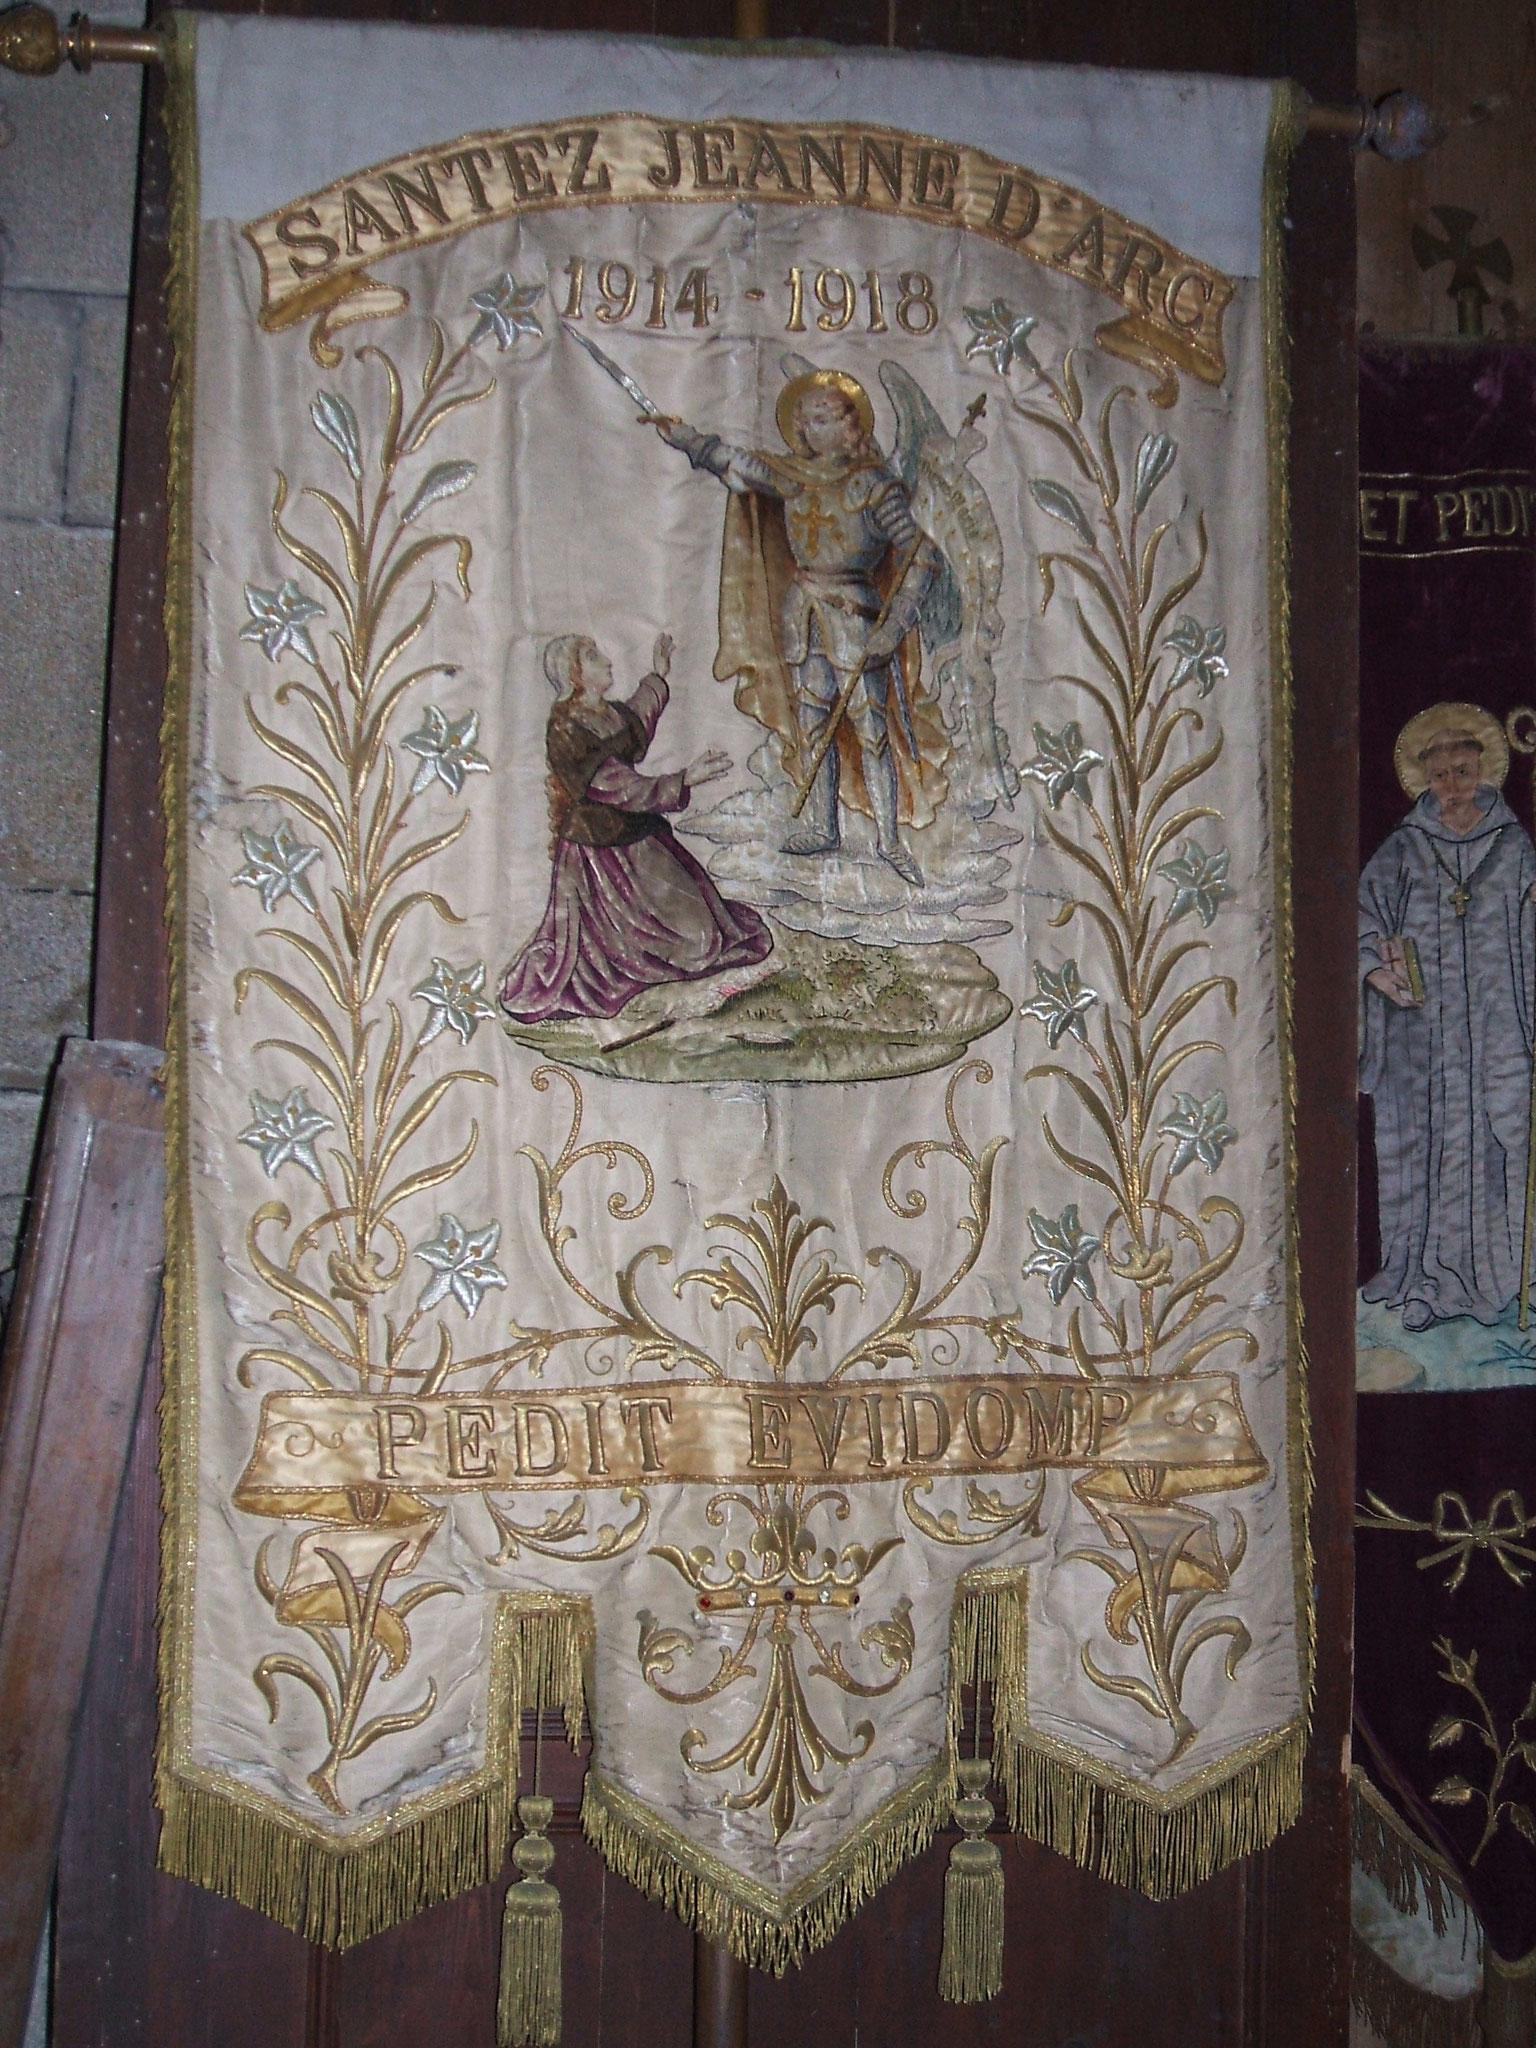 Bannière Jeanne d'Arc, 1919.